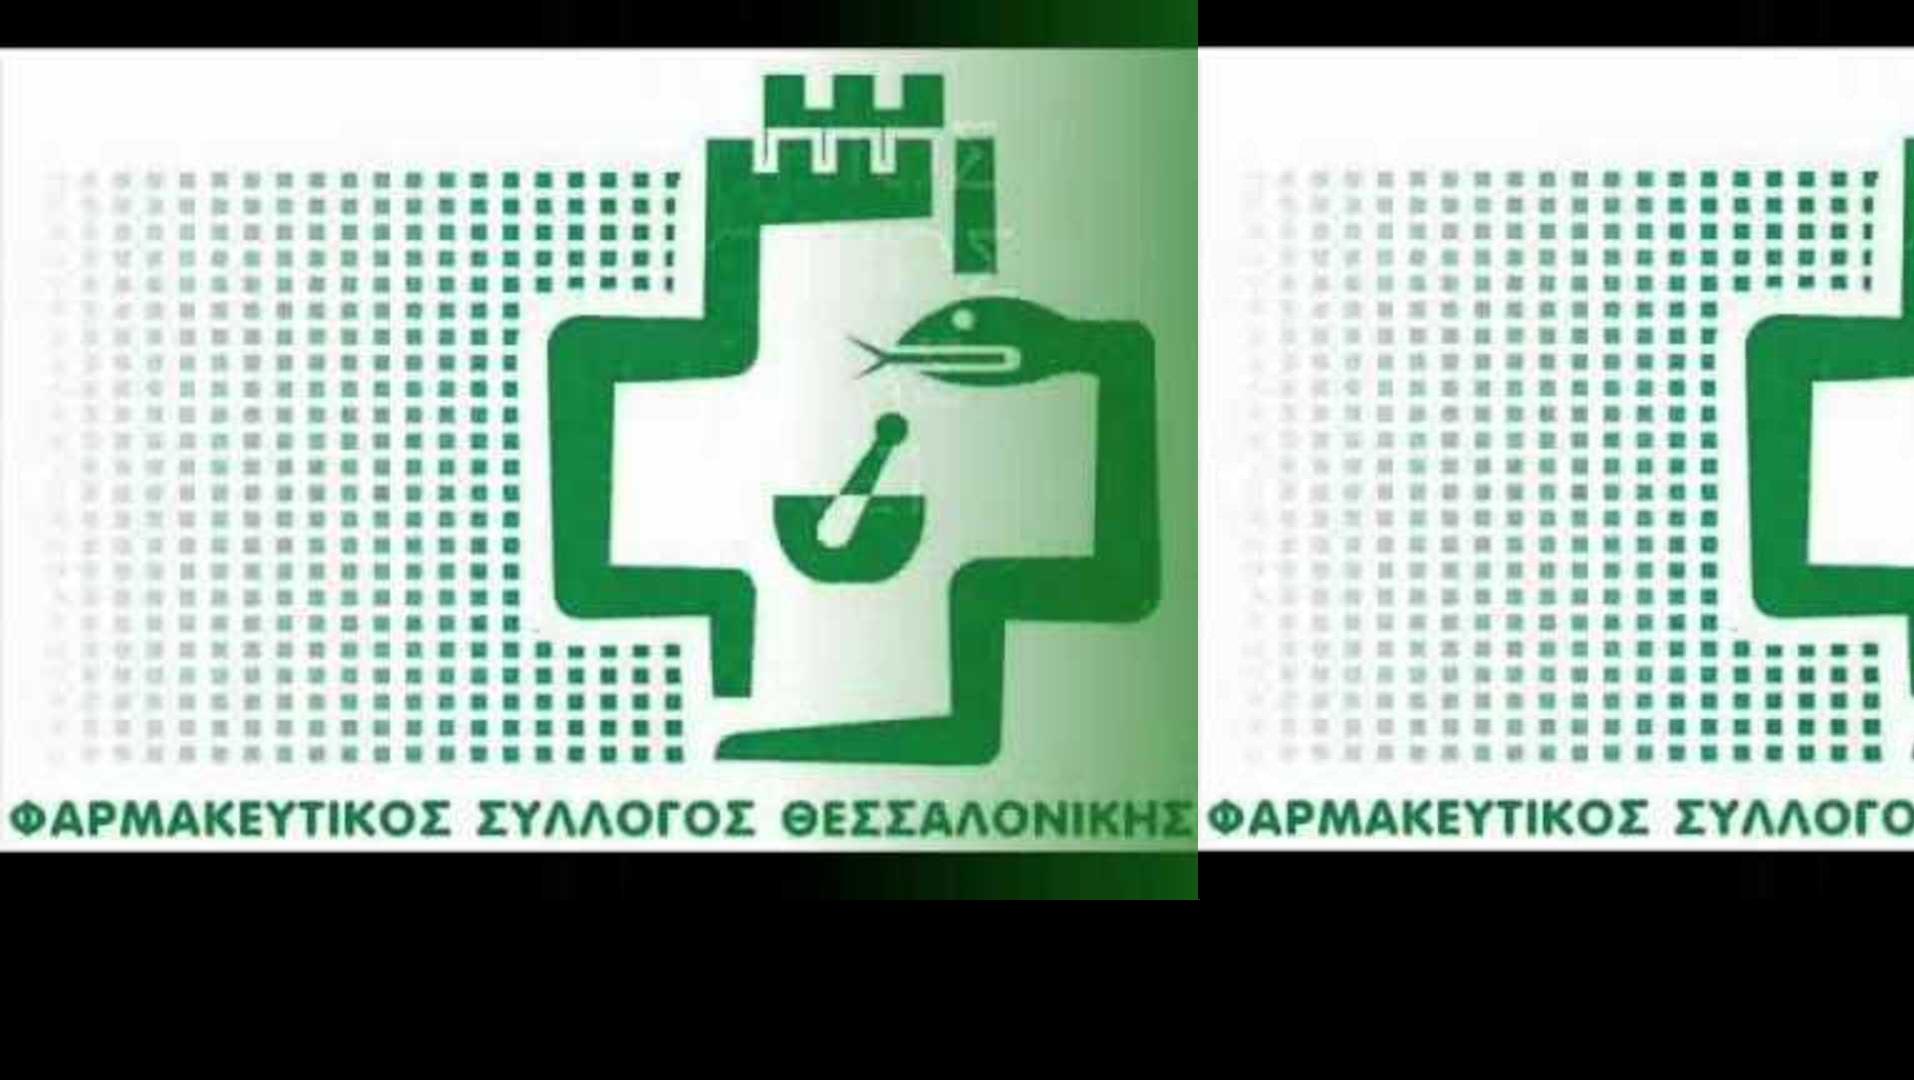 Προεδρείο Φαρμακευτικού Συλλόγου Θεσσαλονίκης: Ποια είναι η νέα αντιπρόεδρος Άννα Σιδηροπούλου